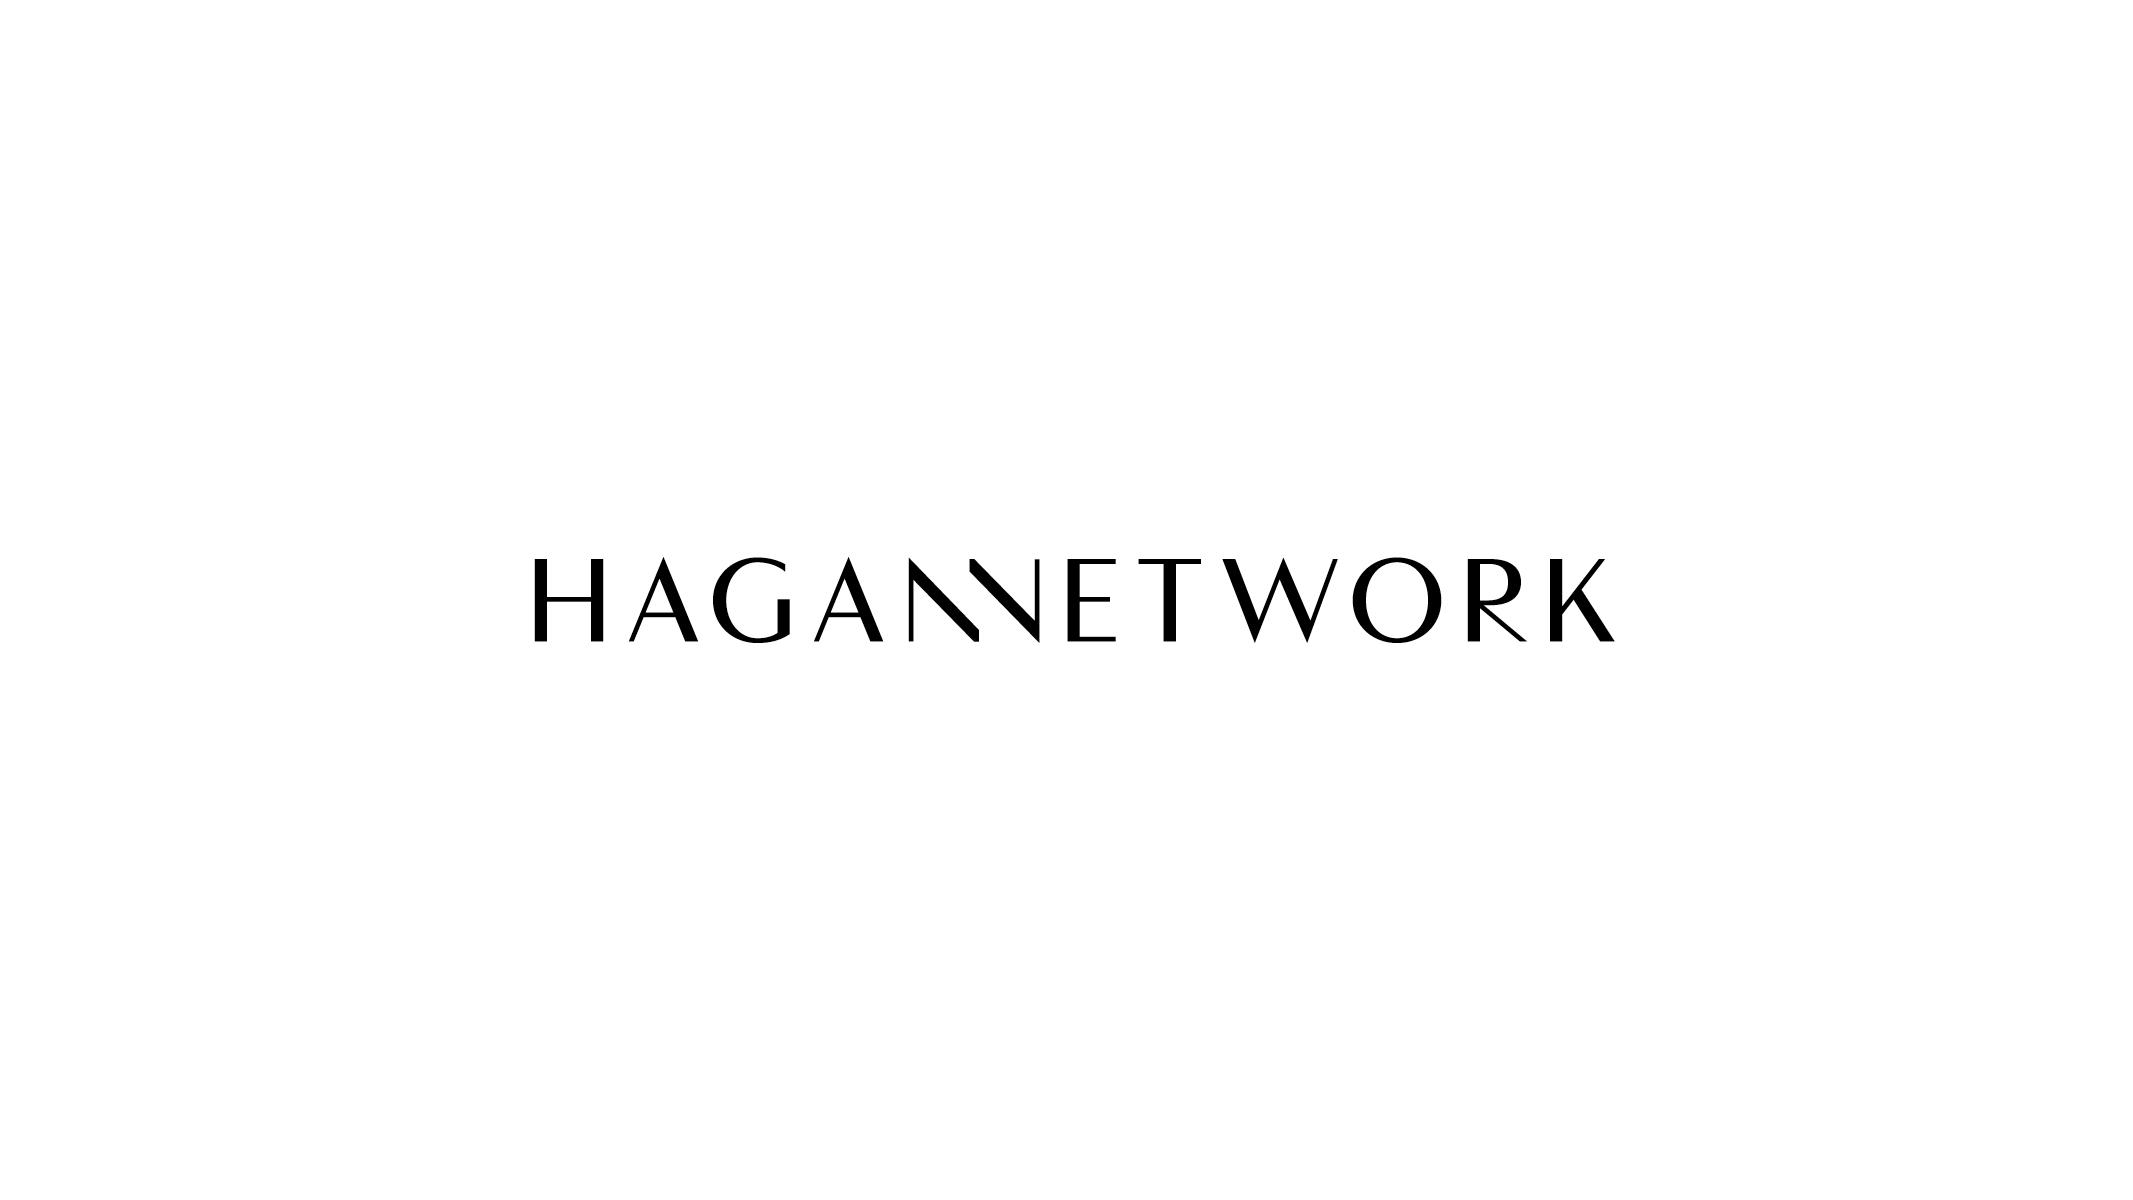 Hagan Network